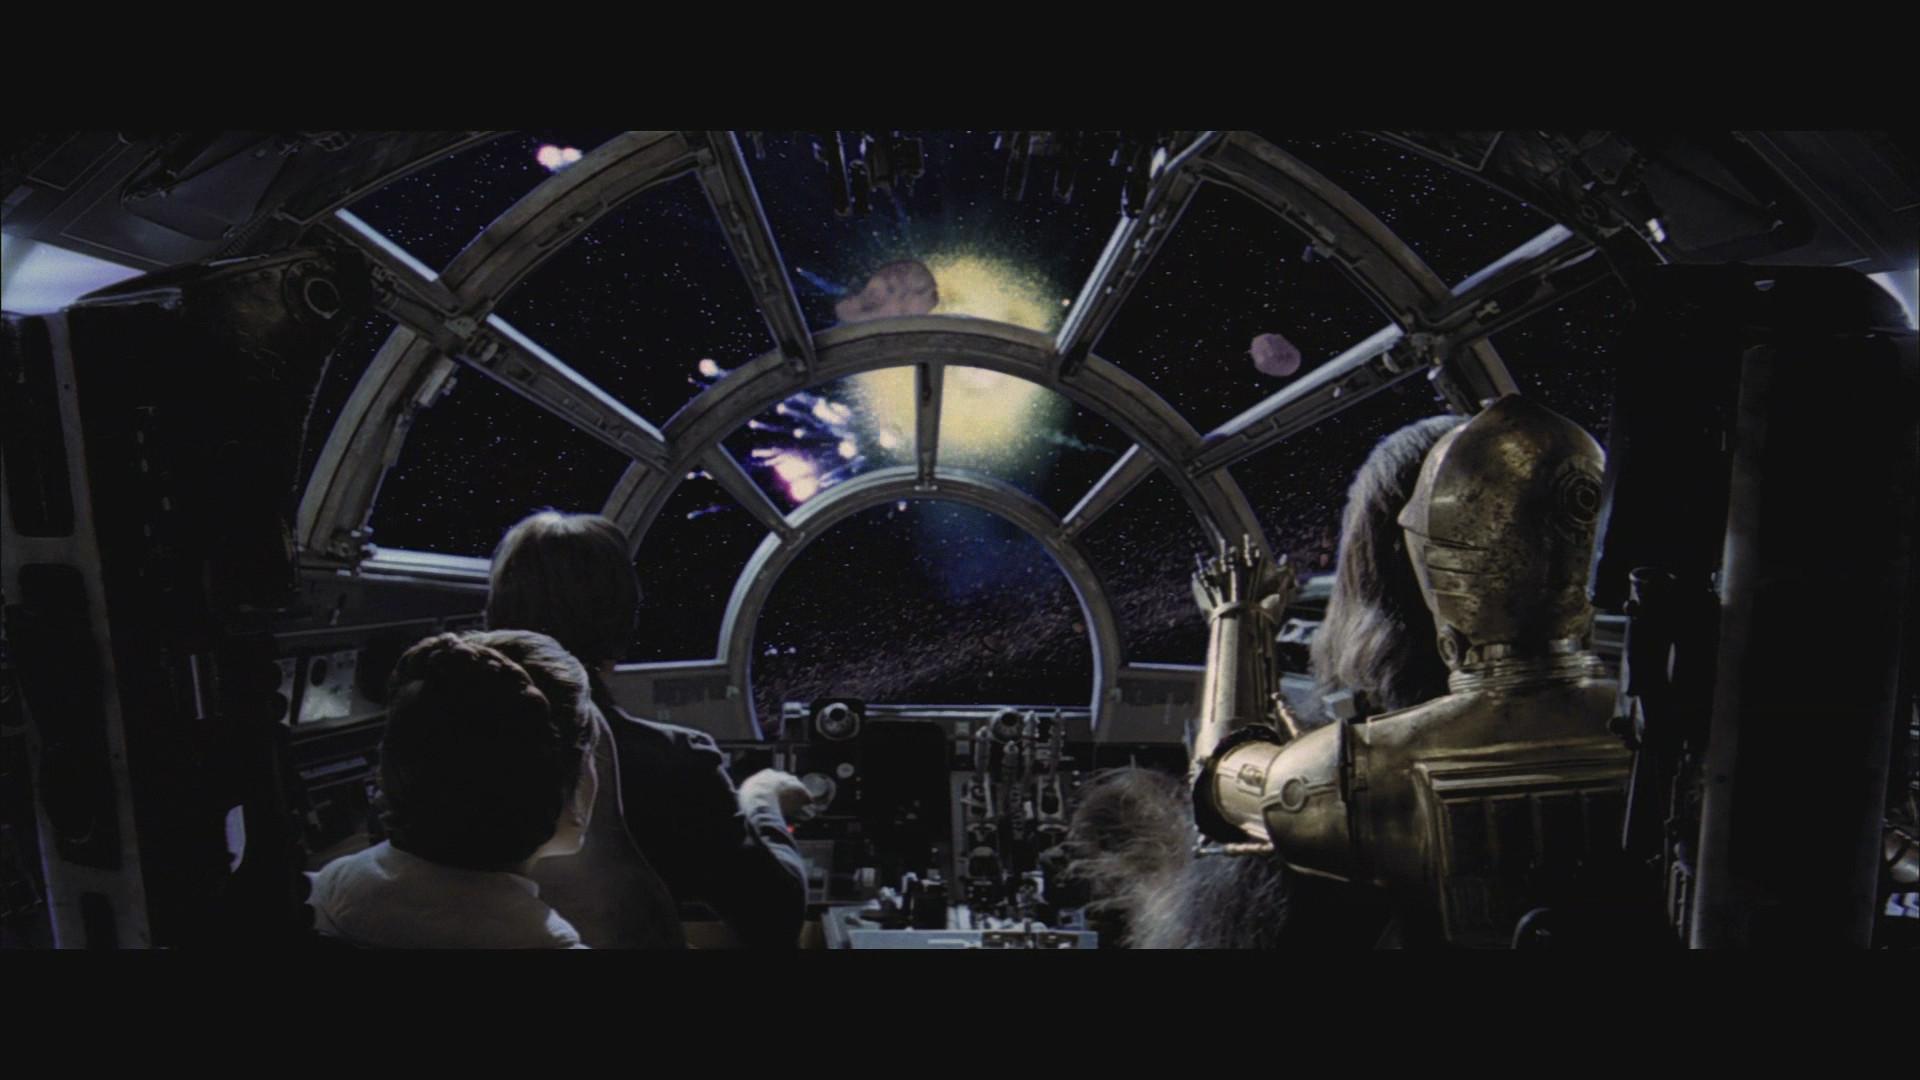 Millenium Falcon Cockpit Wallpaper 63 Images